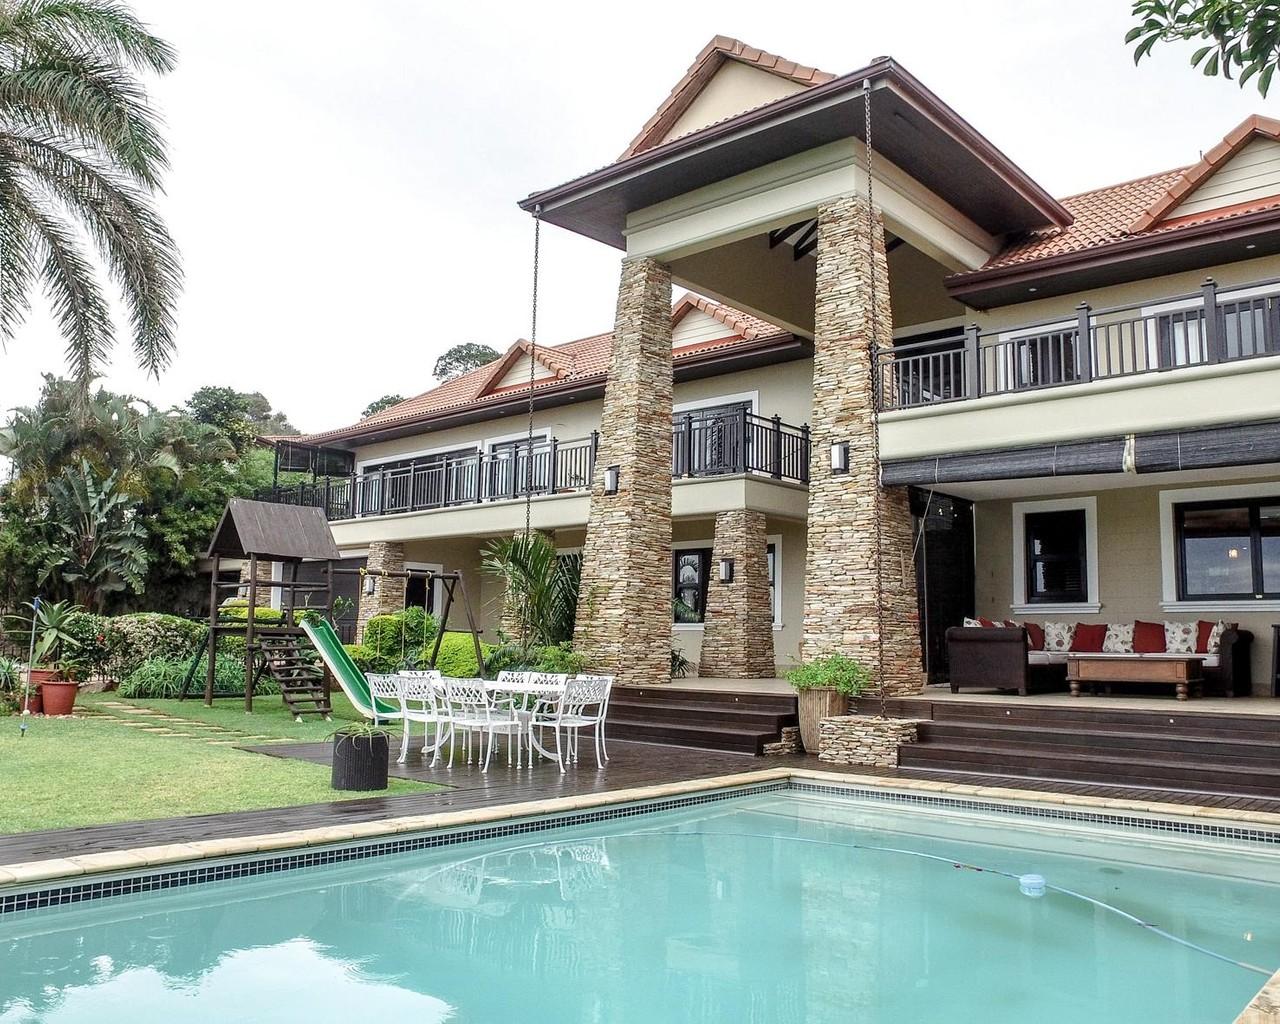 6 Bedroom House For Sale In La Lucia Tyson Properties